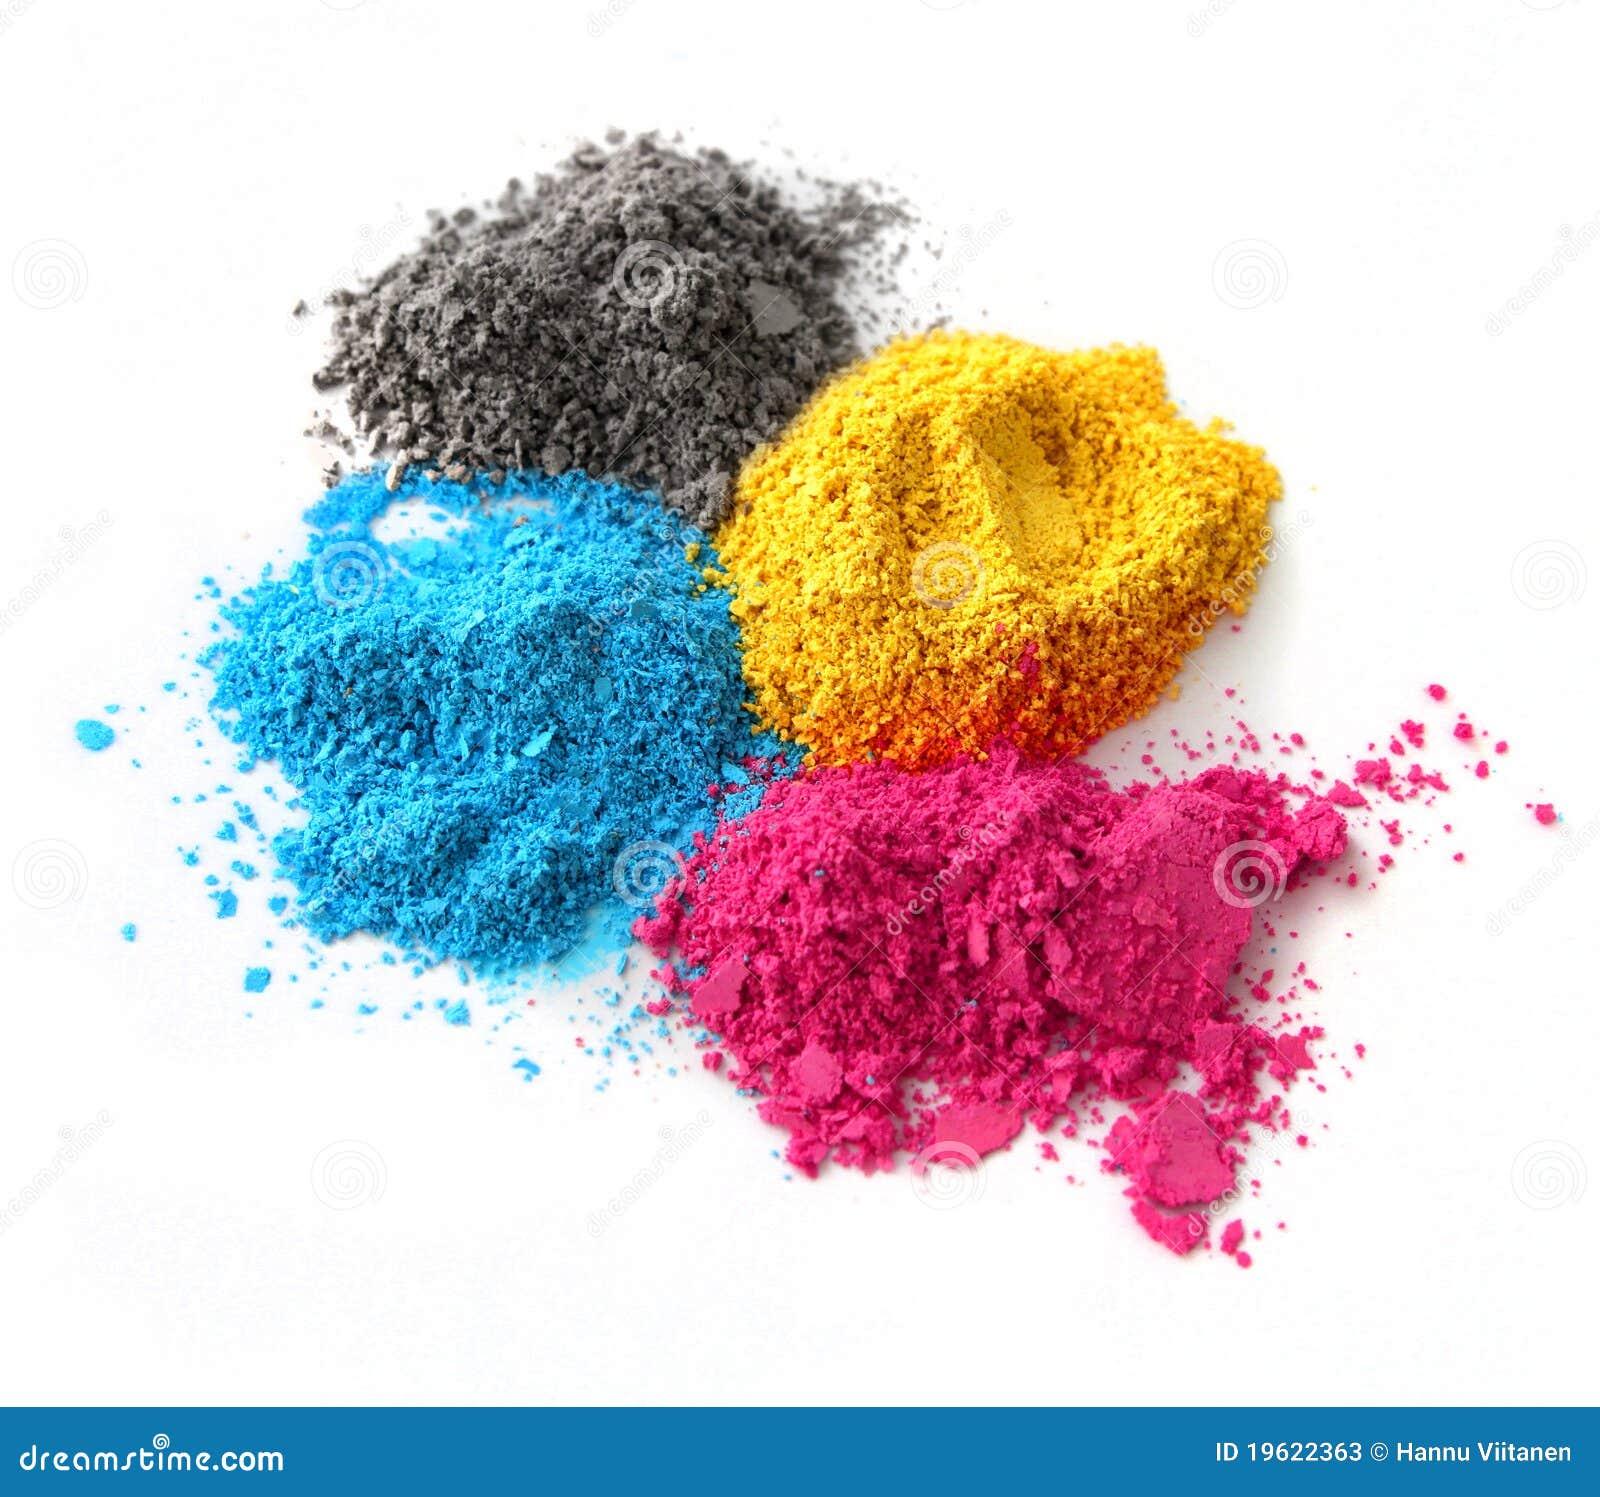 Рисунки цветным порошком